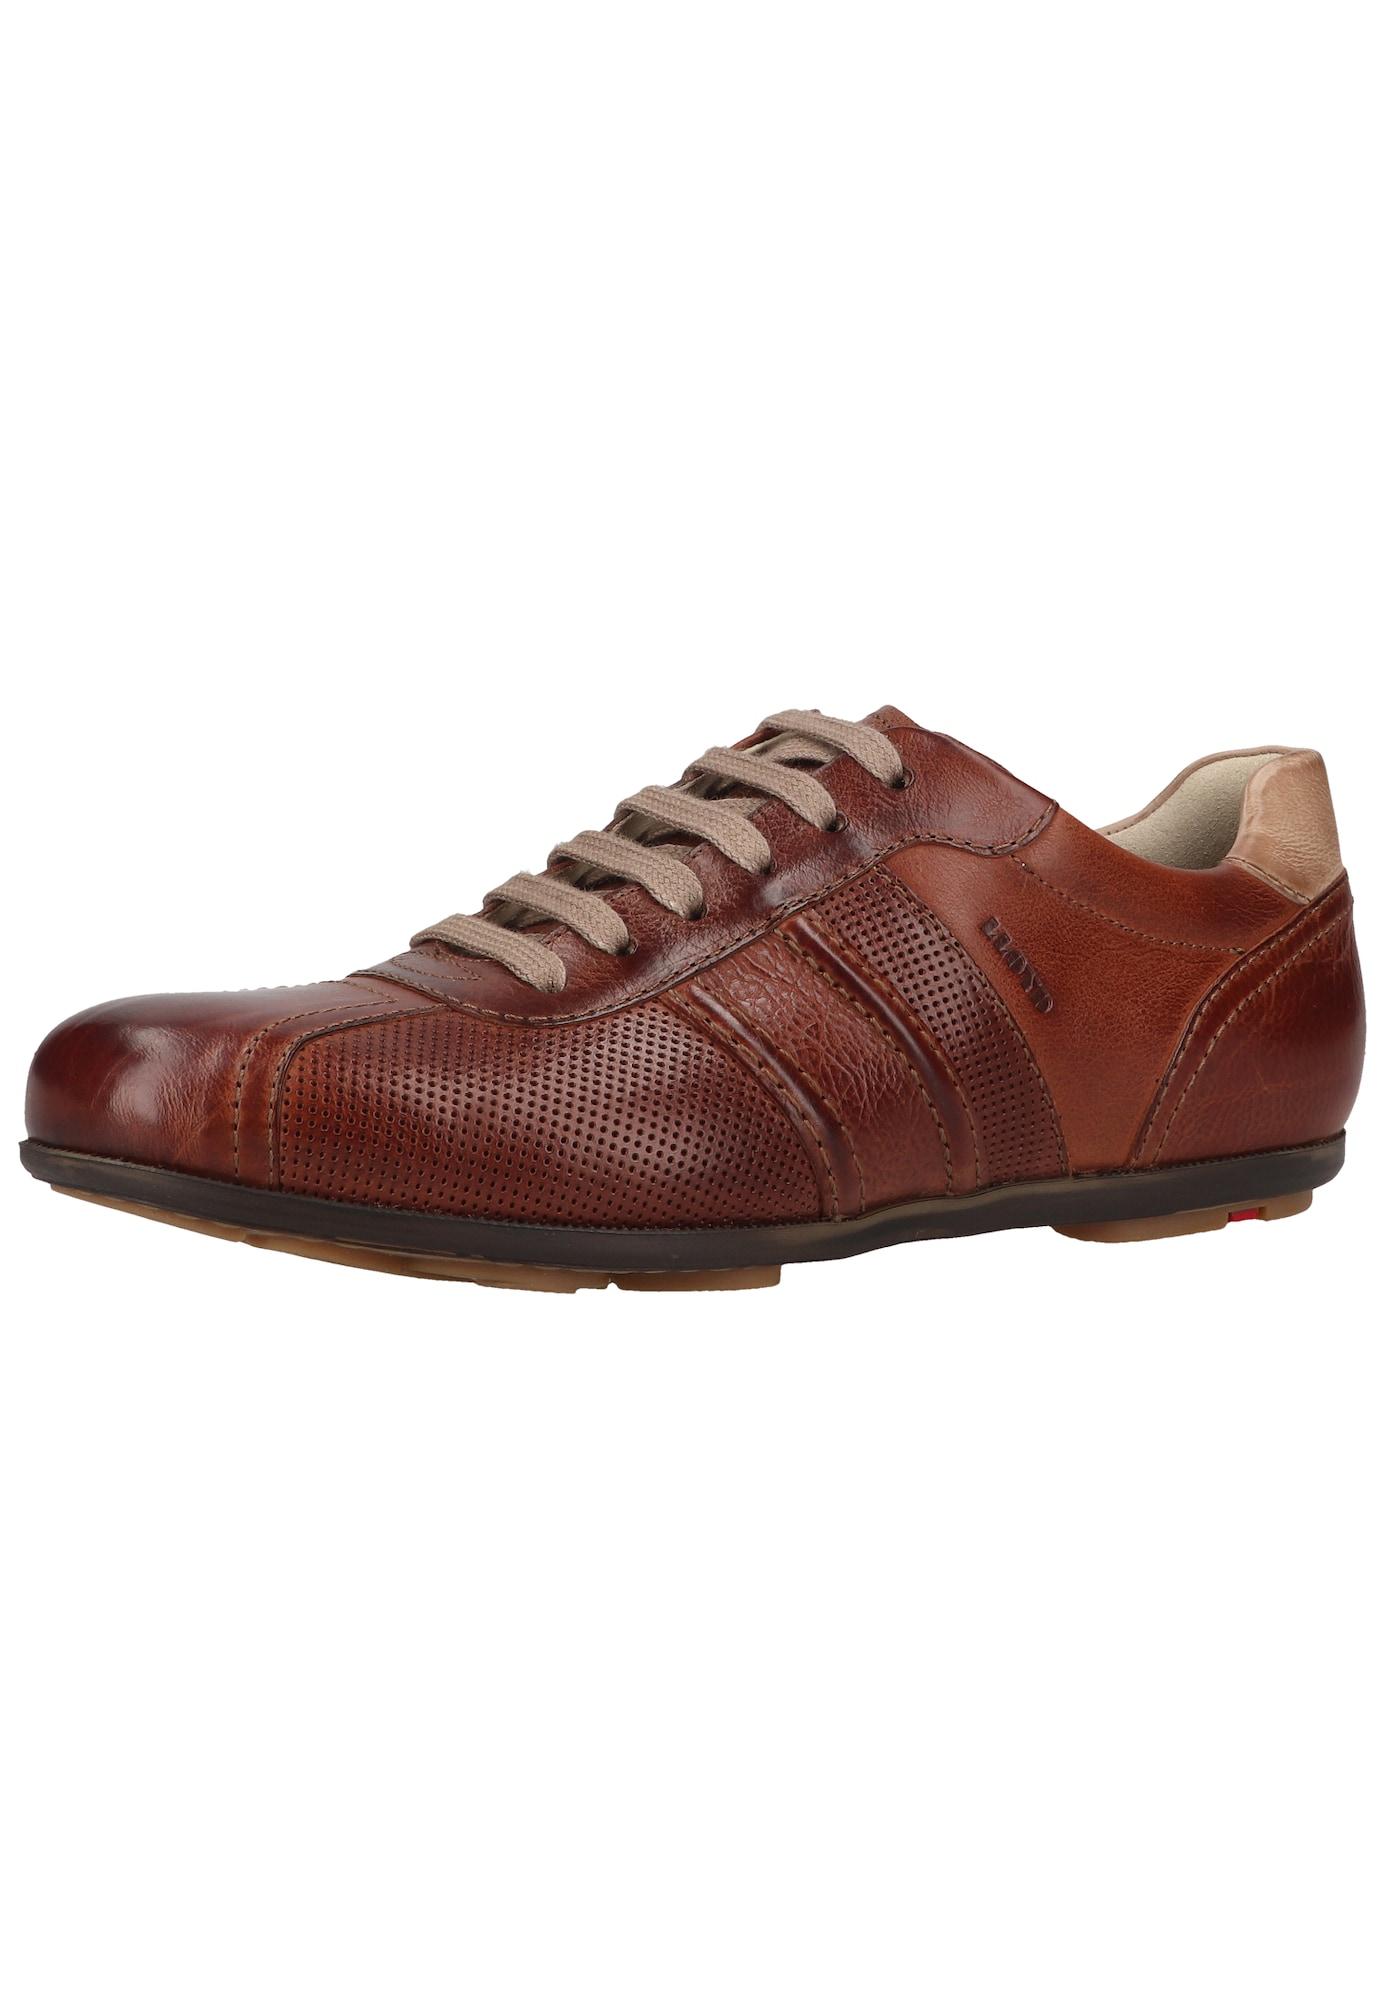 LLOYD Sportinio stiliaus batai su raišteliais